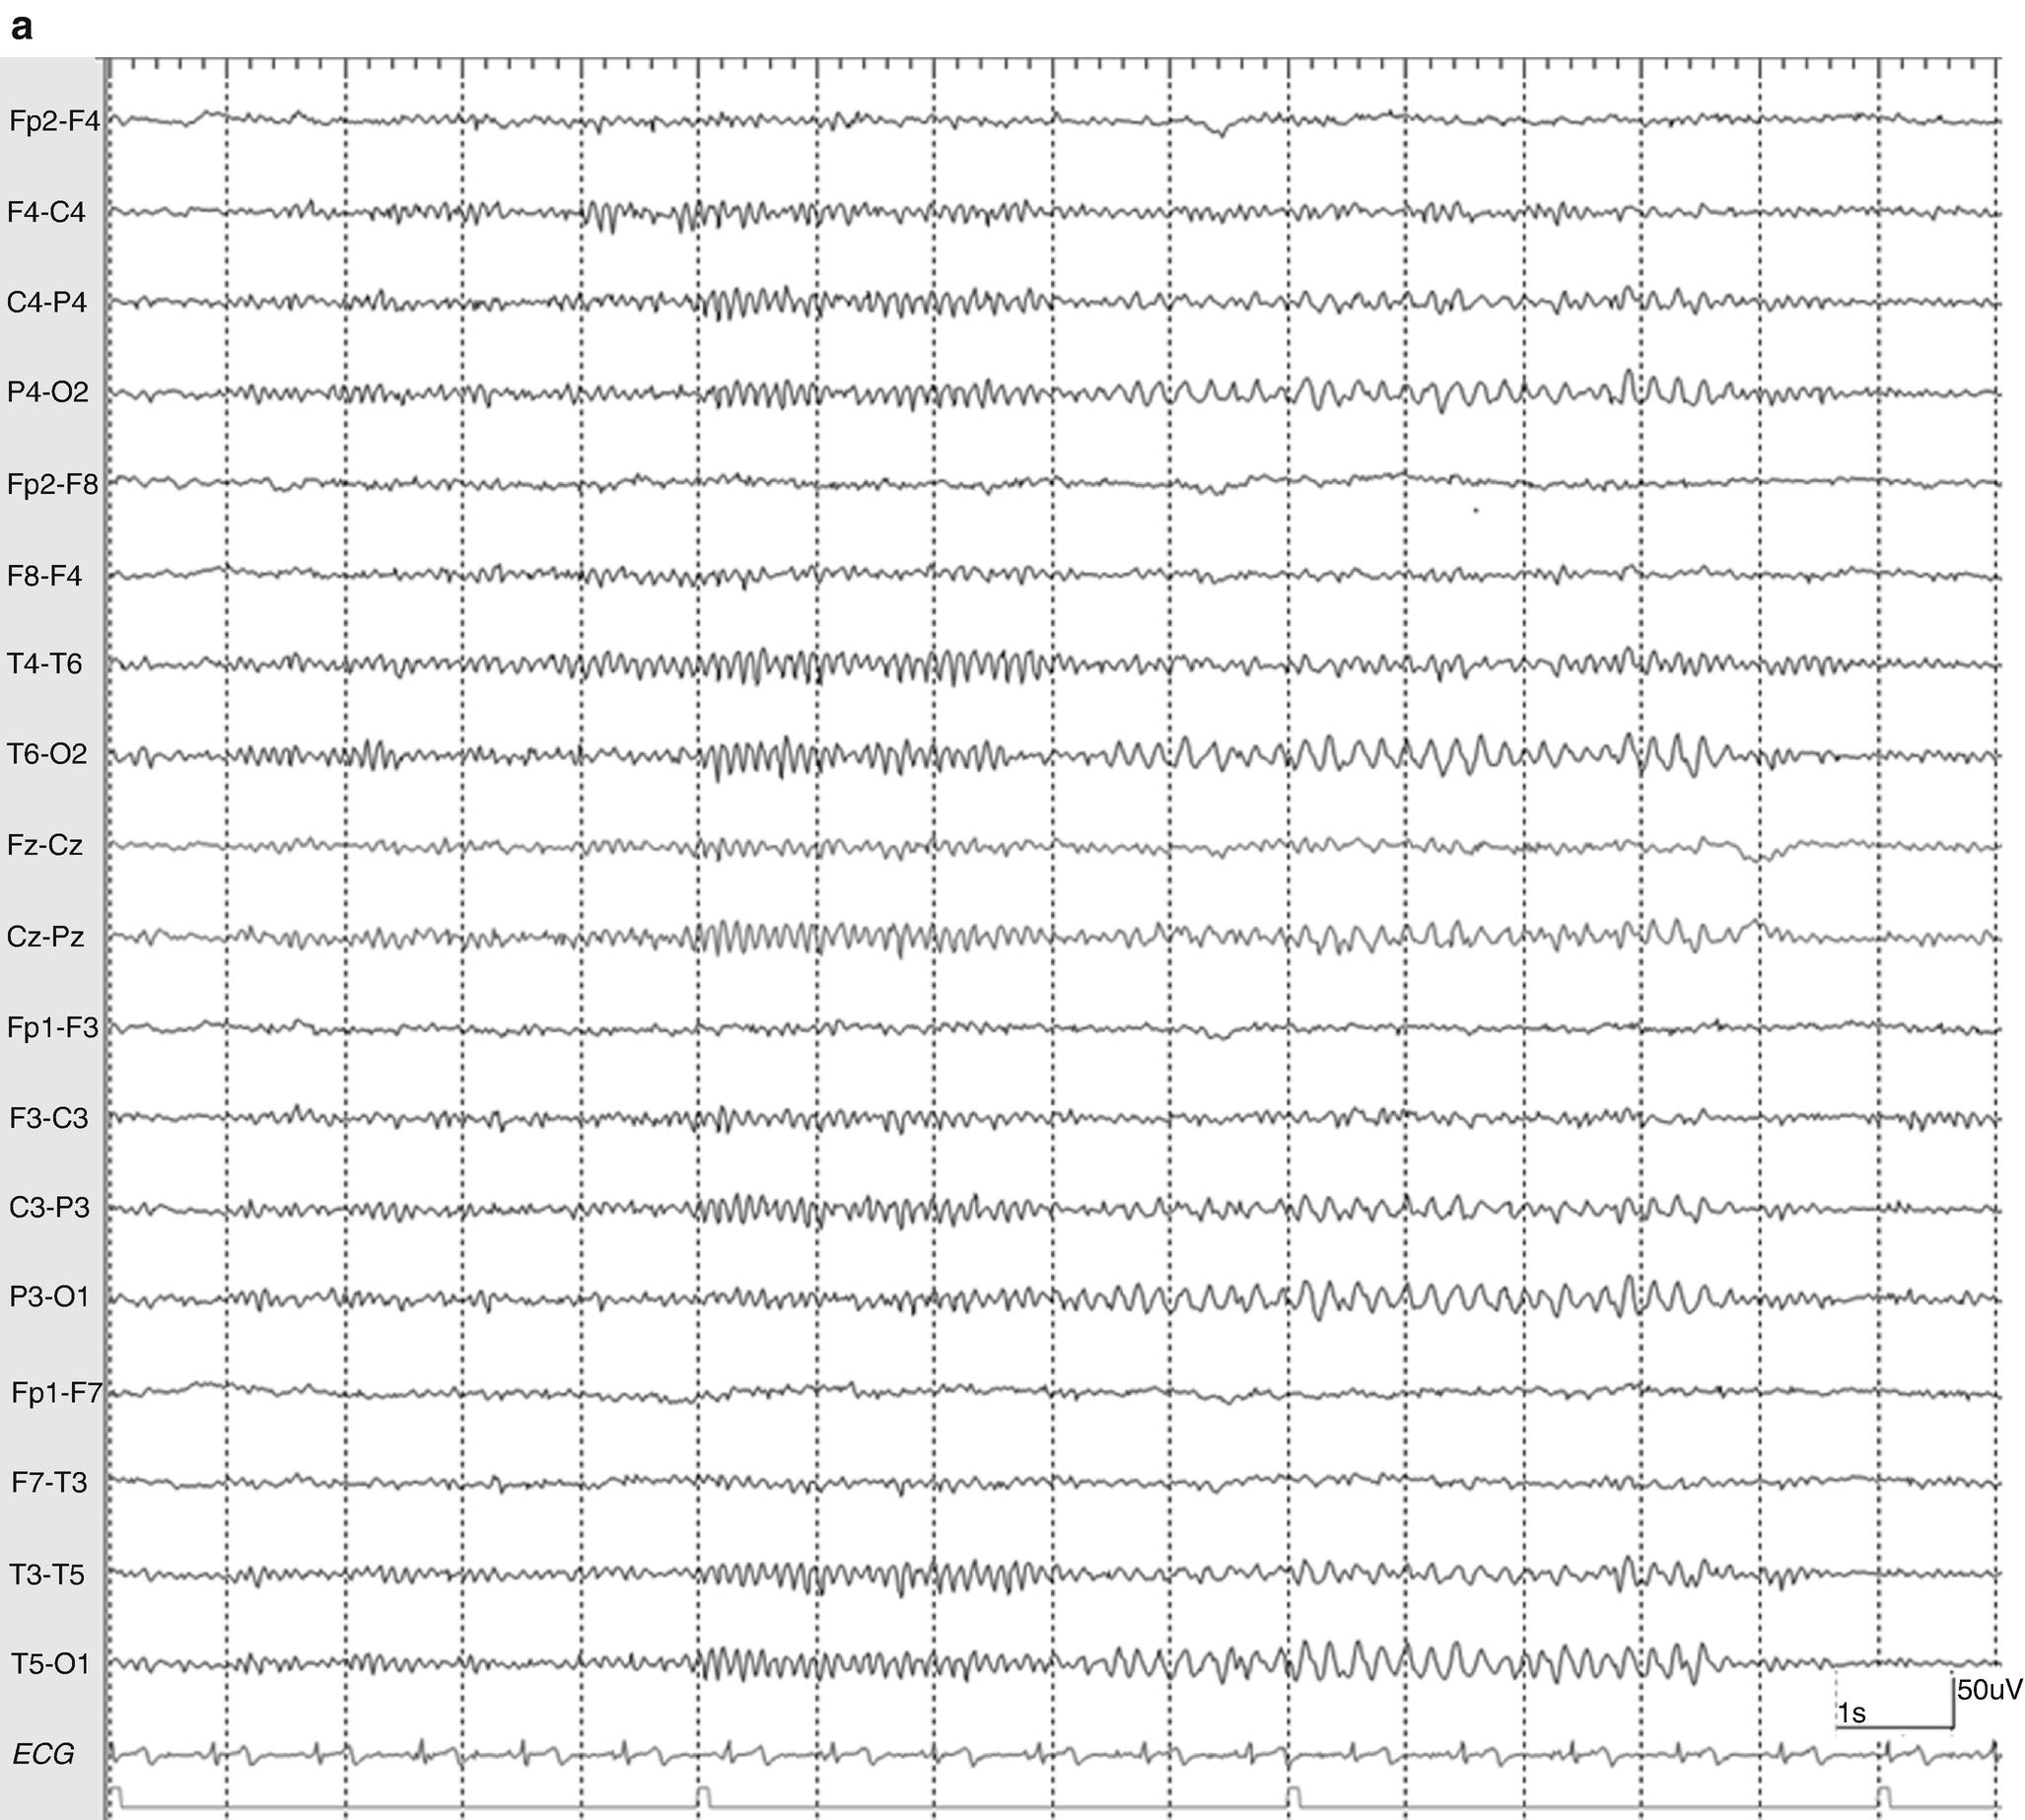 Normal Variants and Unusual EEG Patterns | SpringerLink